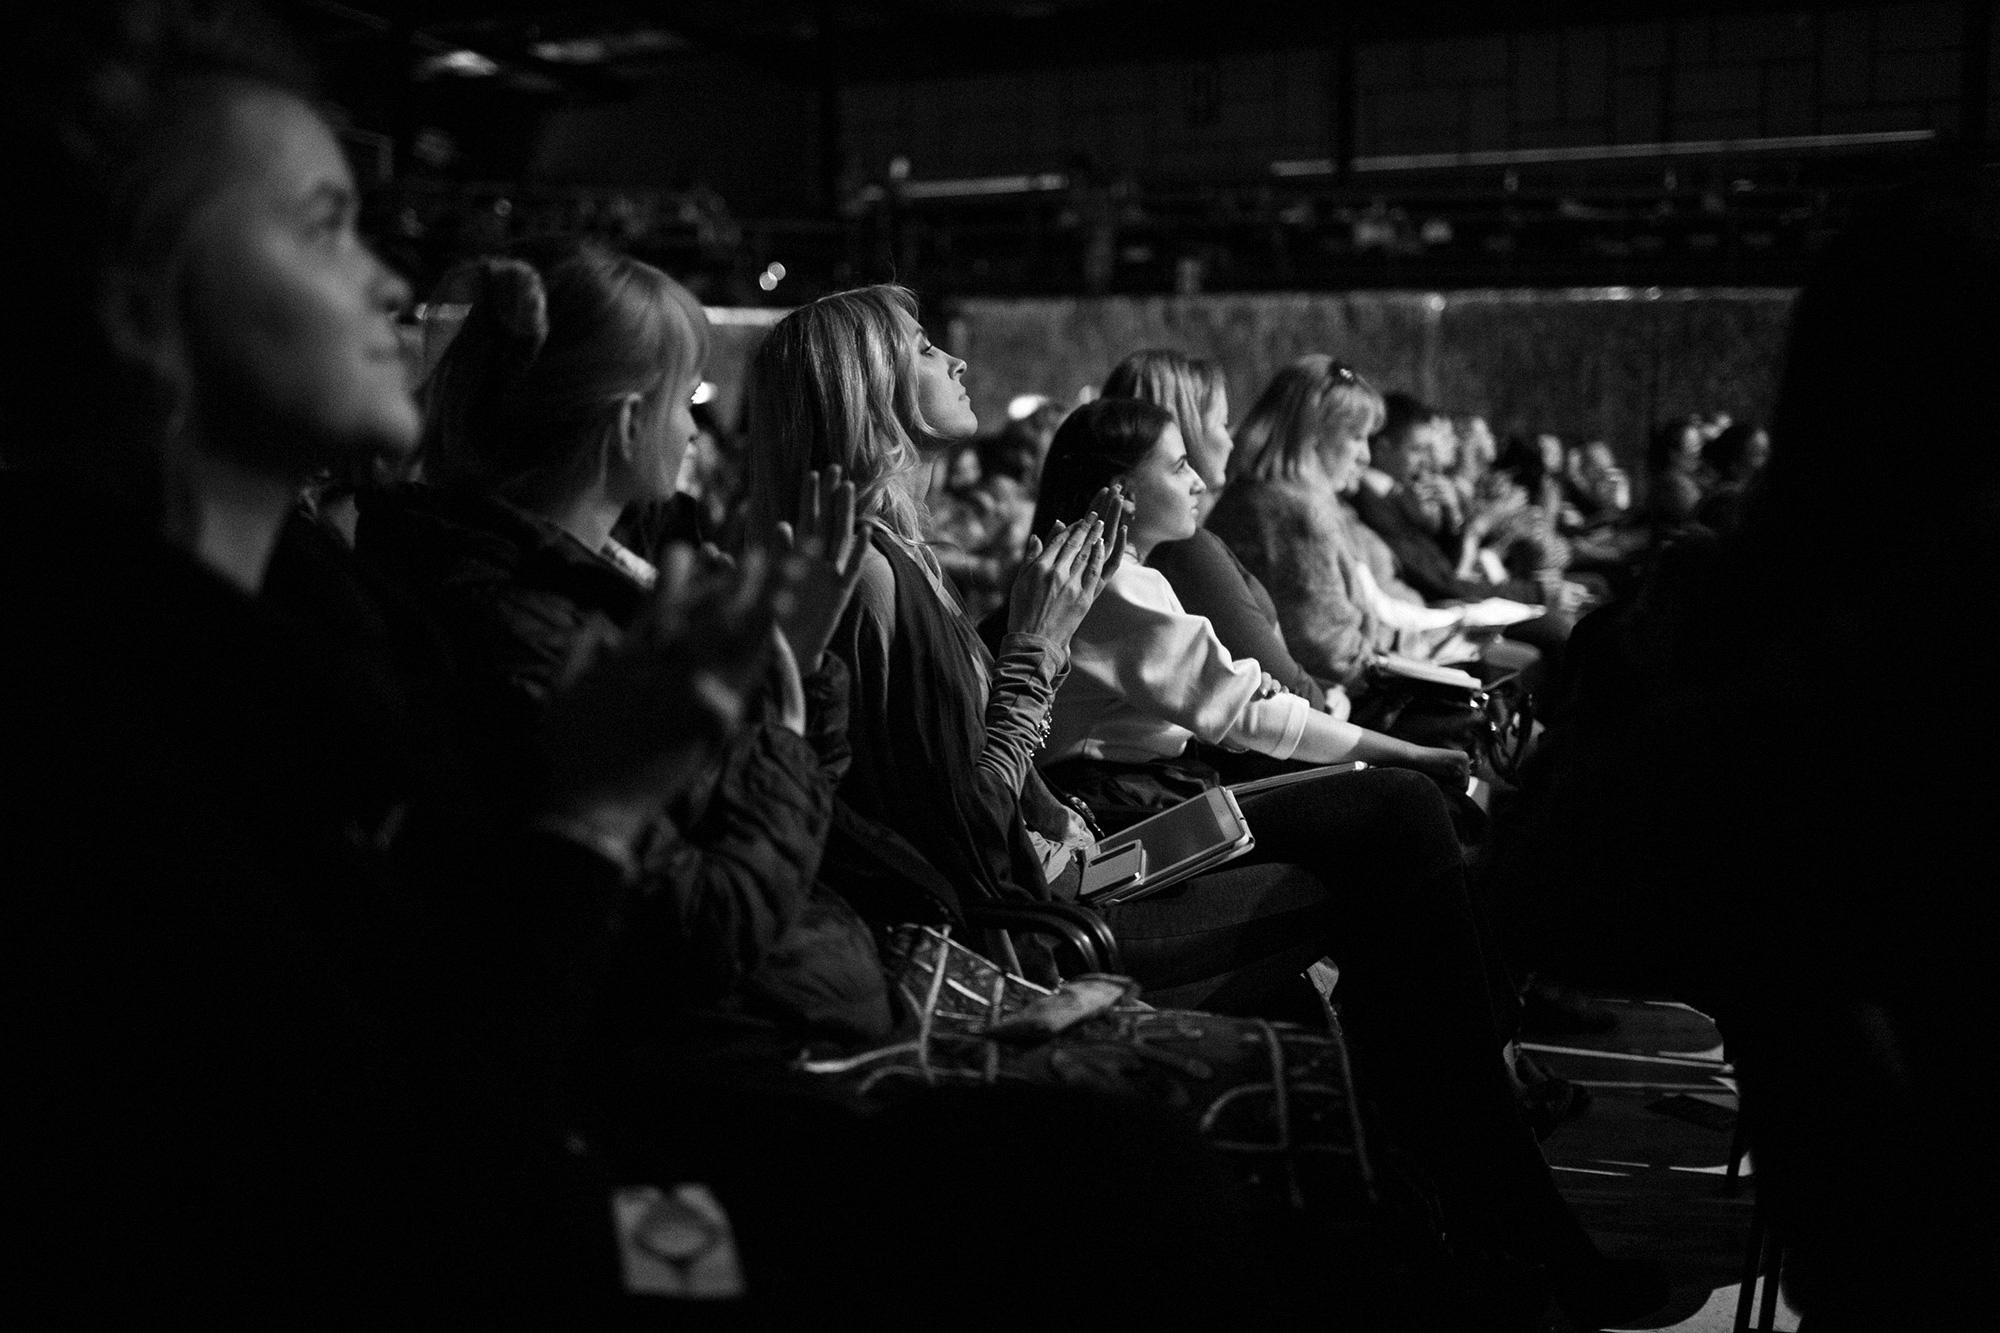 Репортажная фотосъемка мероприятия. Конференция Decor 2014